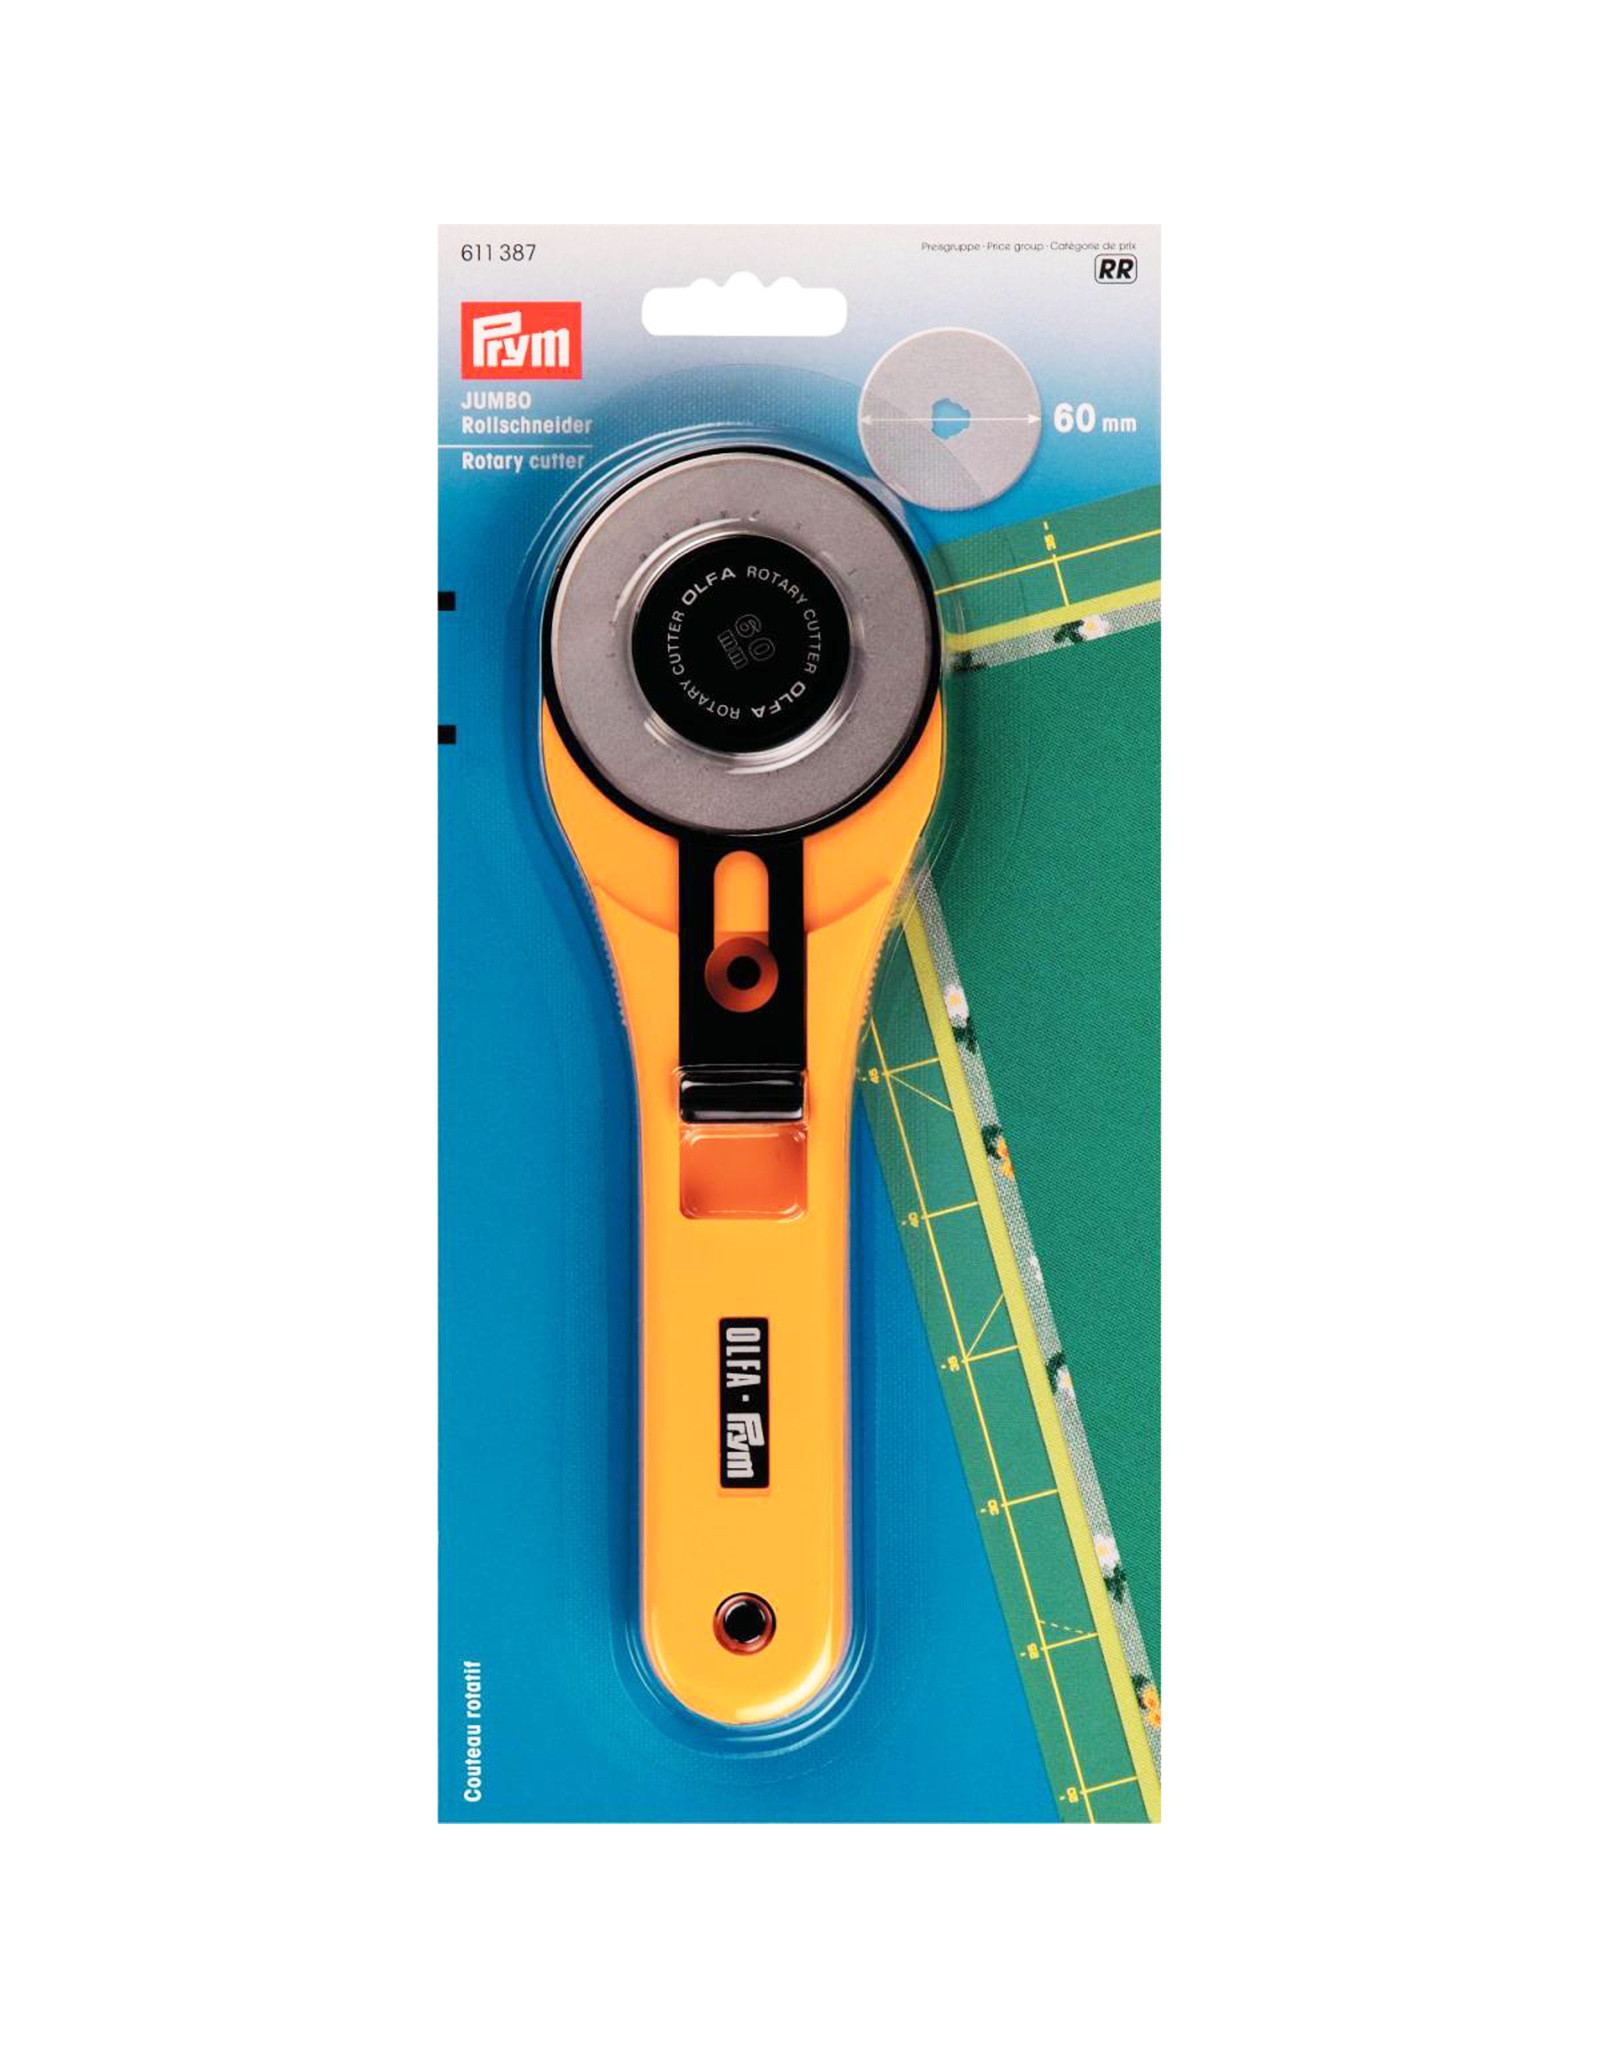 Prym Rotary Cutter jumbo 60 mm